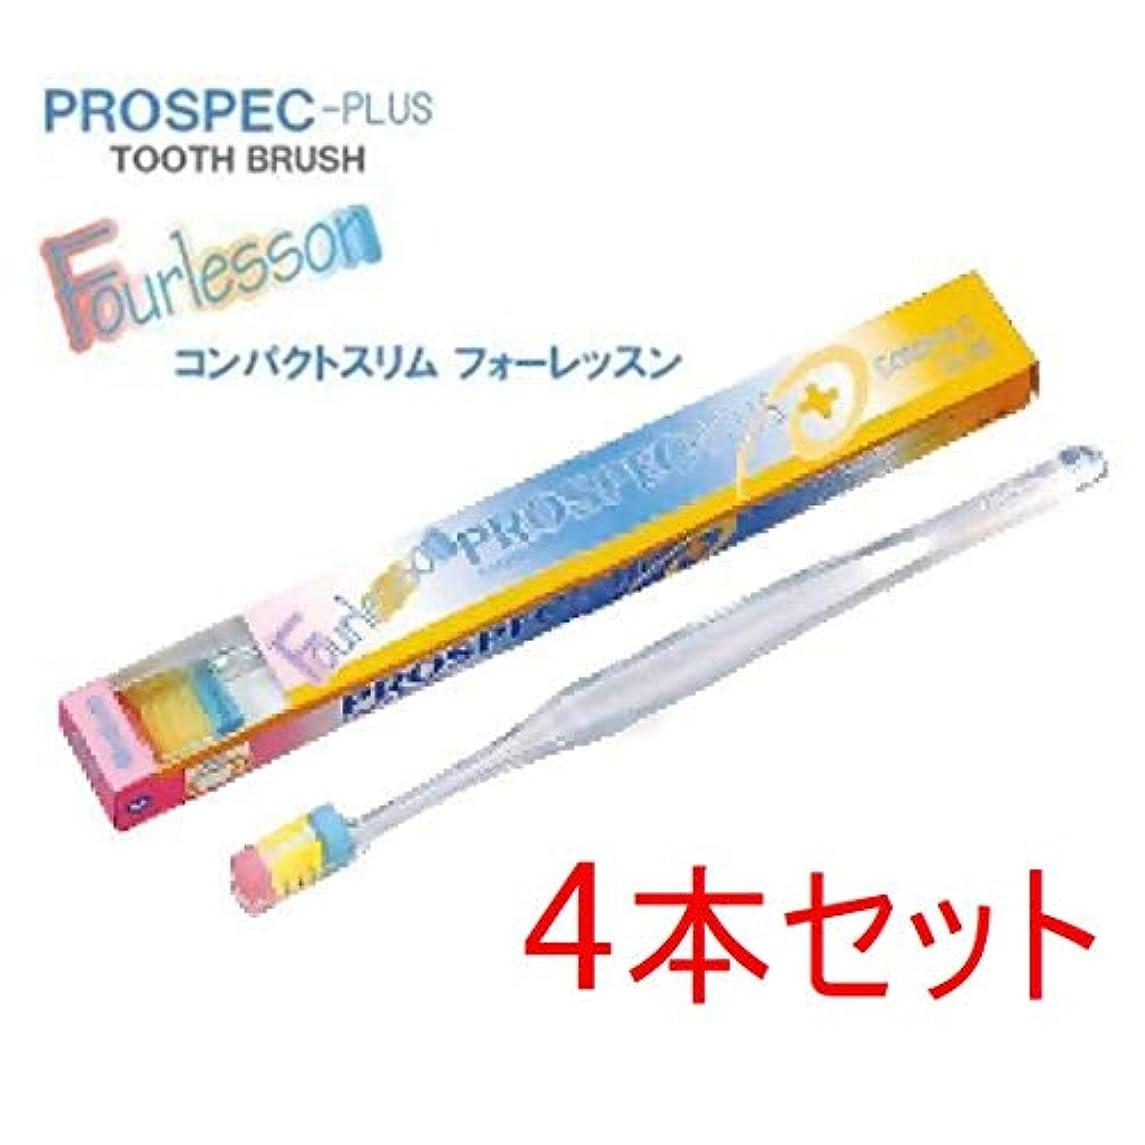 がんばり続けるフラスコ輝度プロスペック 歯ブラシ コンパクトスリム 4本 フォーレッスン 毛の硬さ ふつう